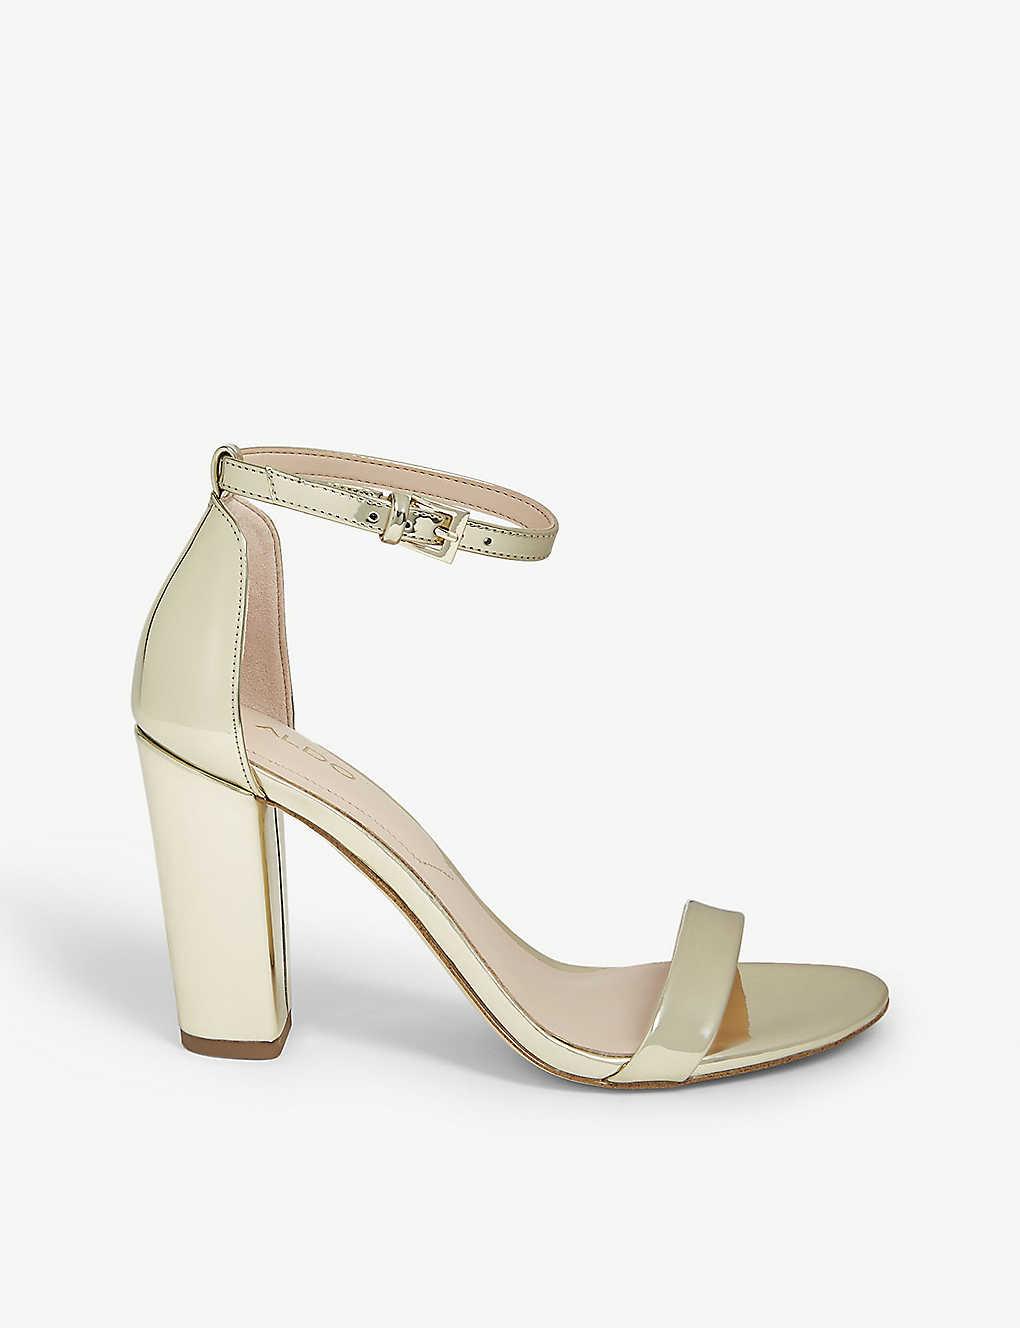 efcbba73eac ALDO - Myly high sandals | Selfridges.com